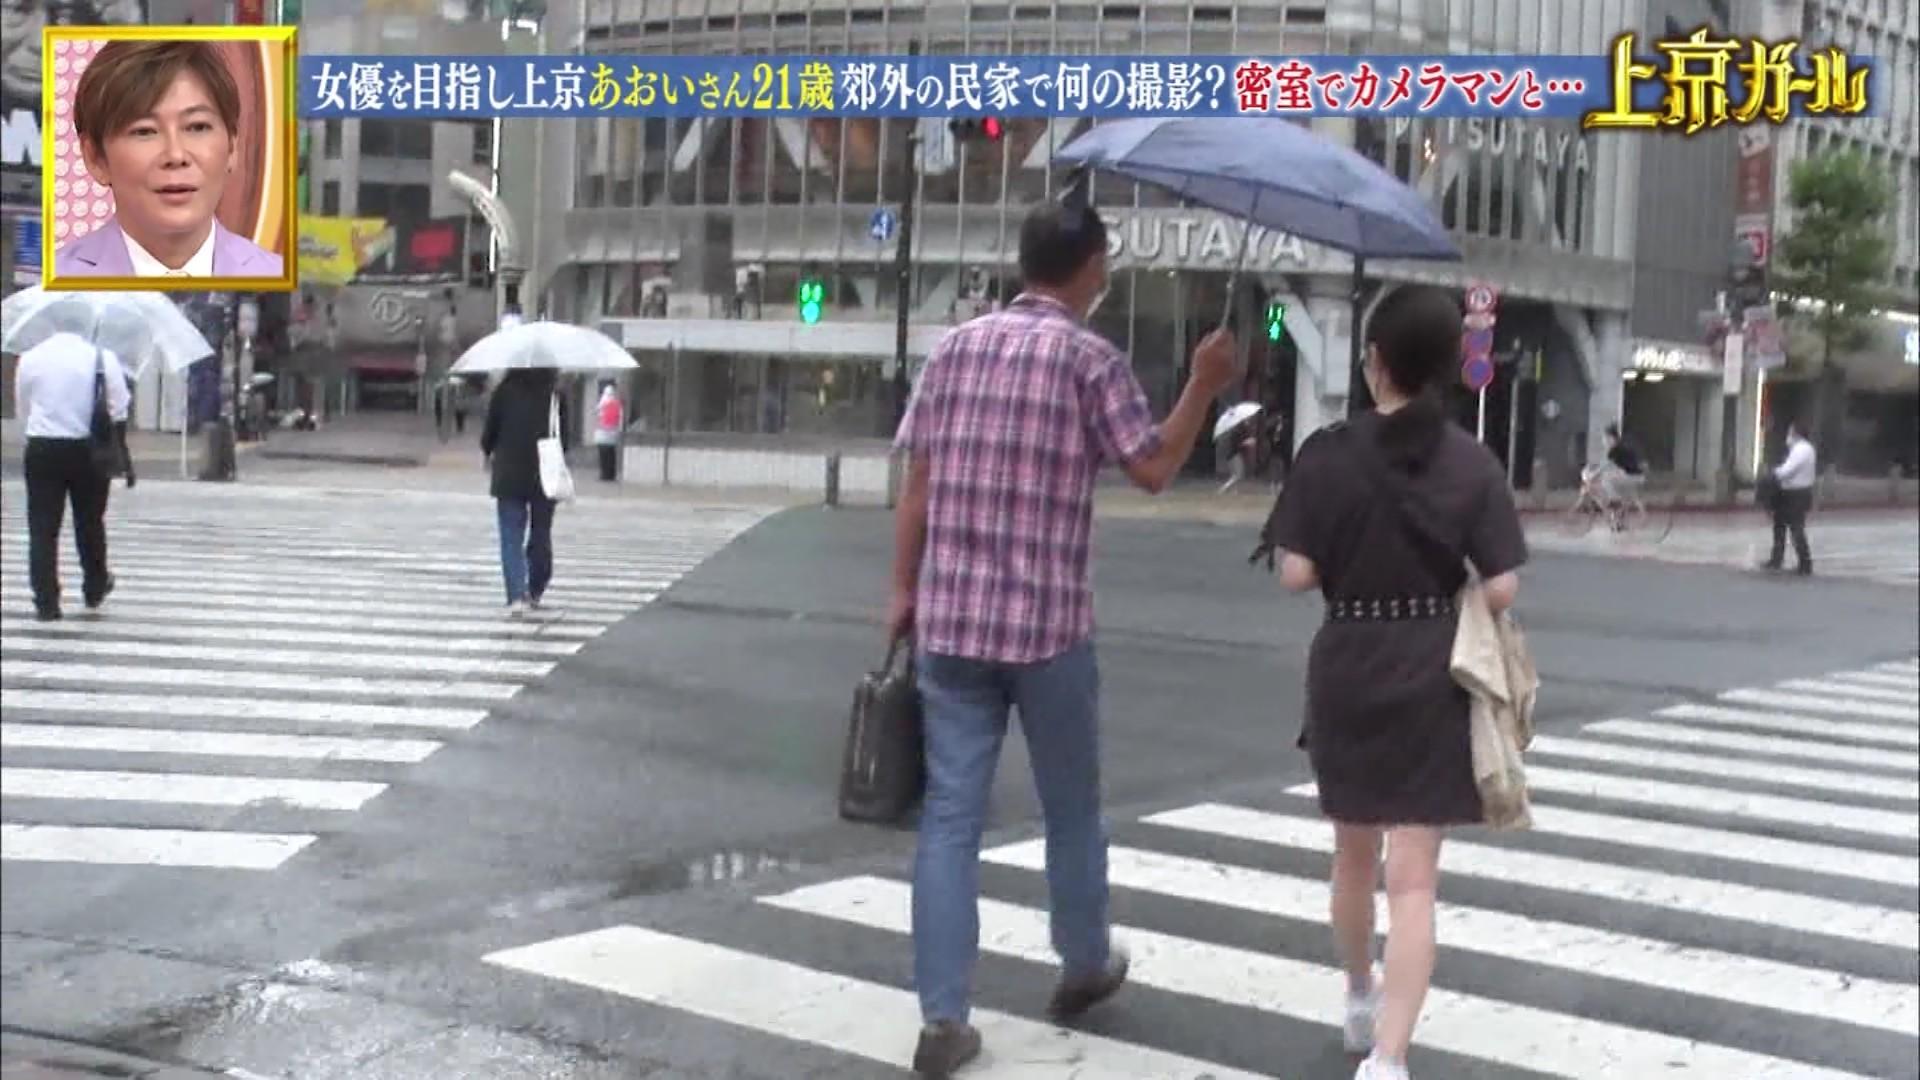 上京ガール_川口葵_水着_巨乳_幸せ!ボンビーガール_08